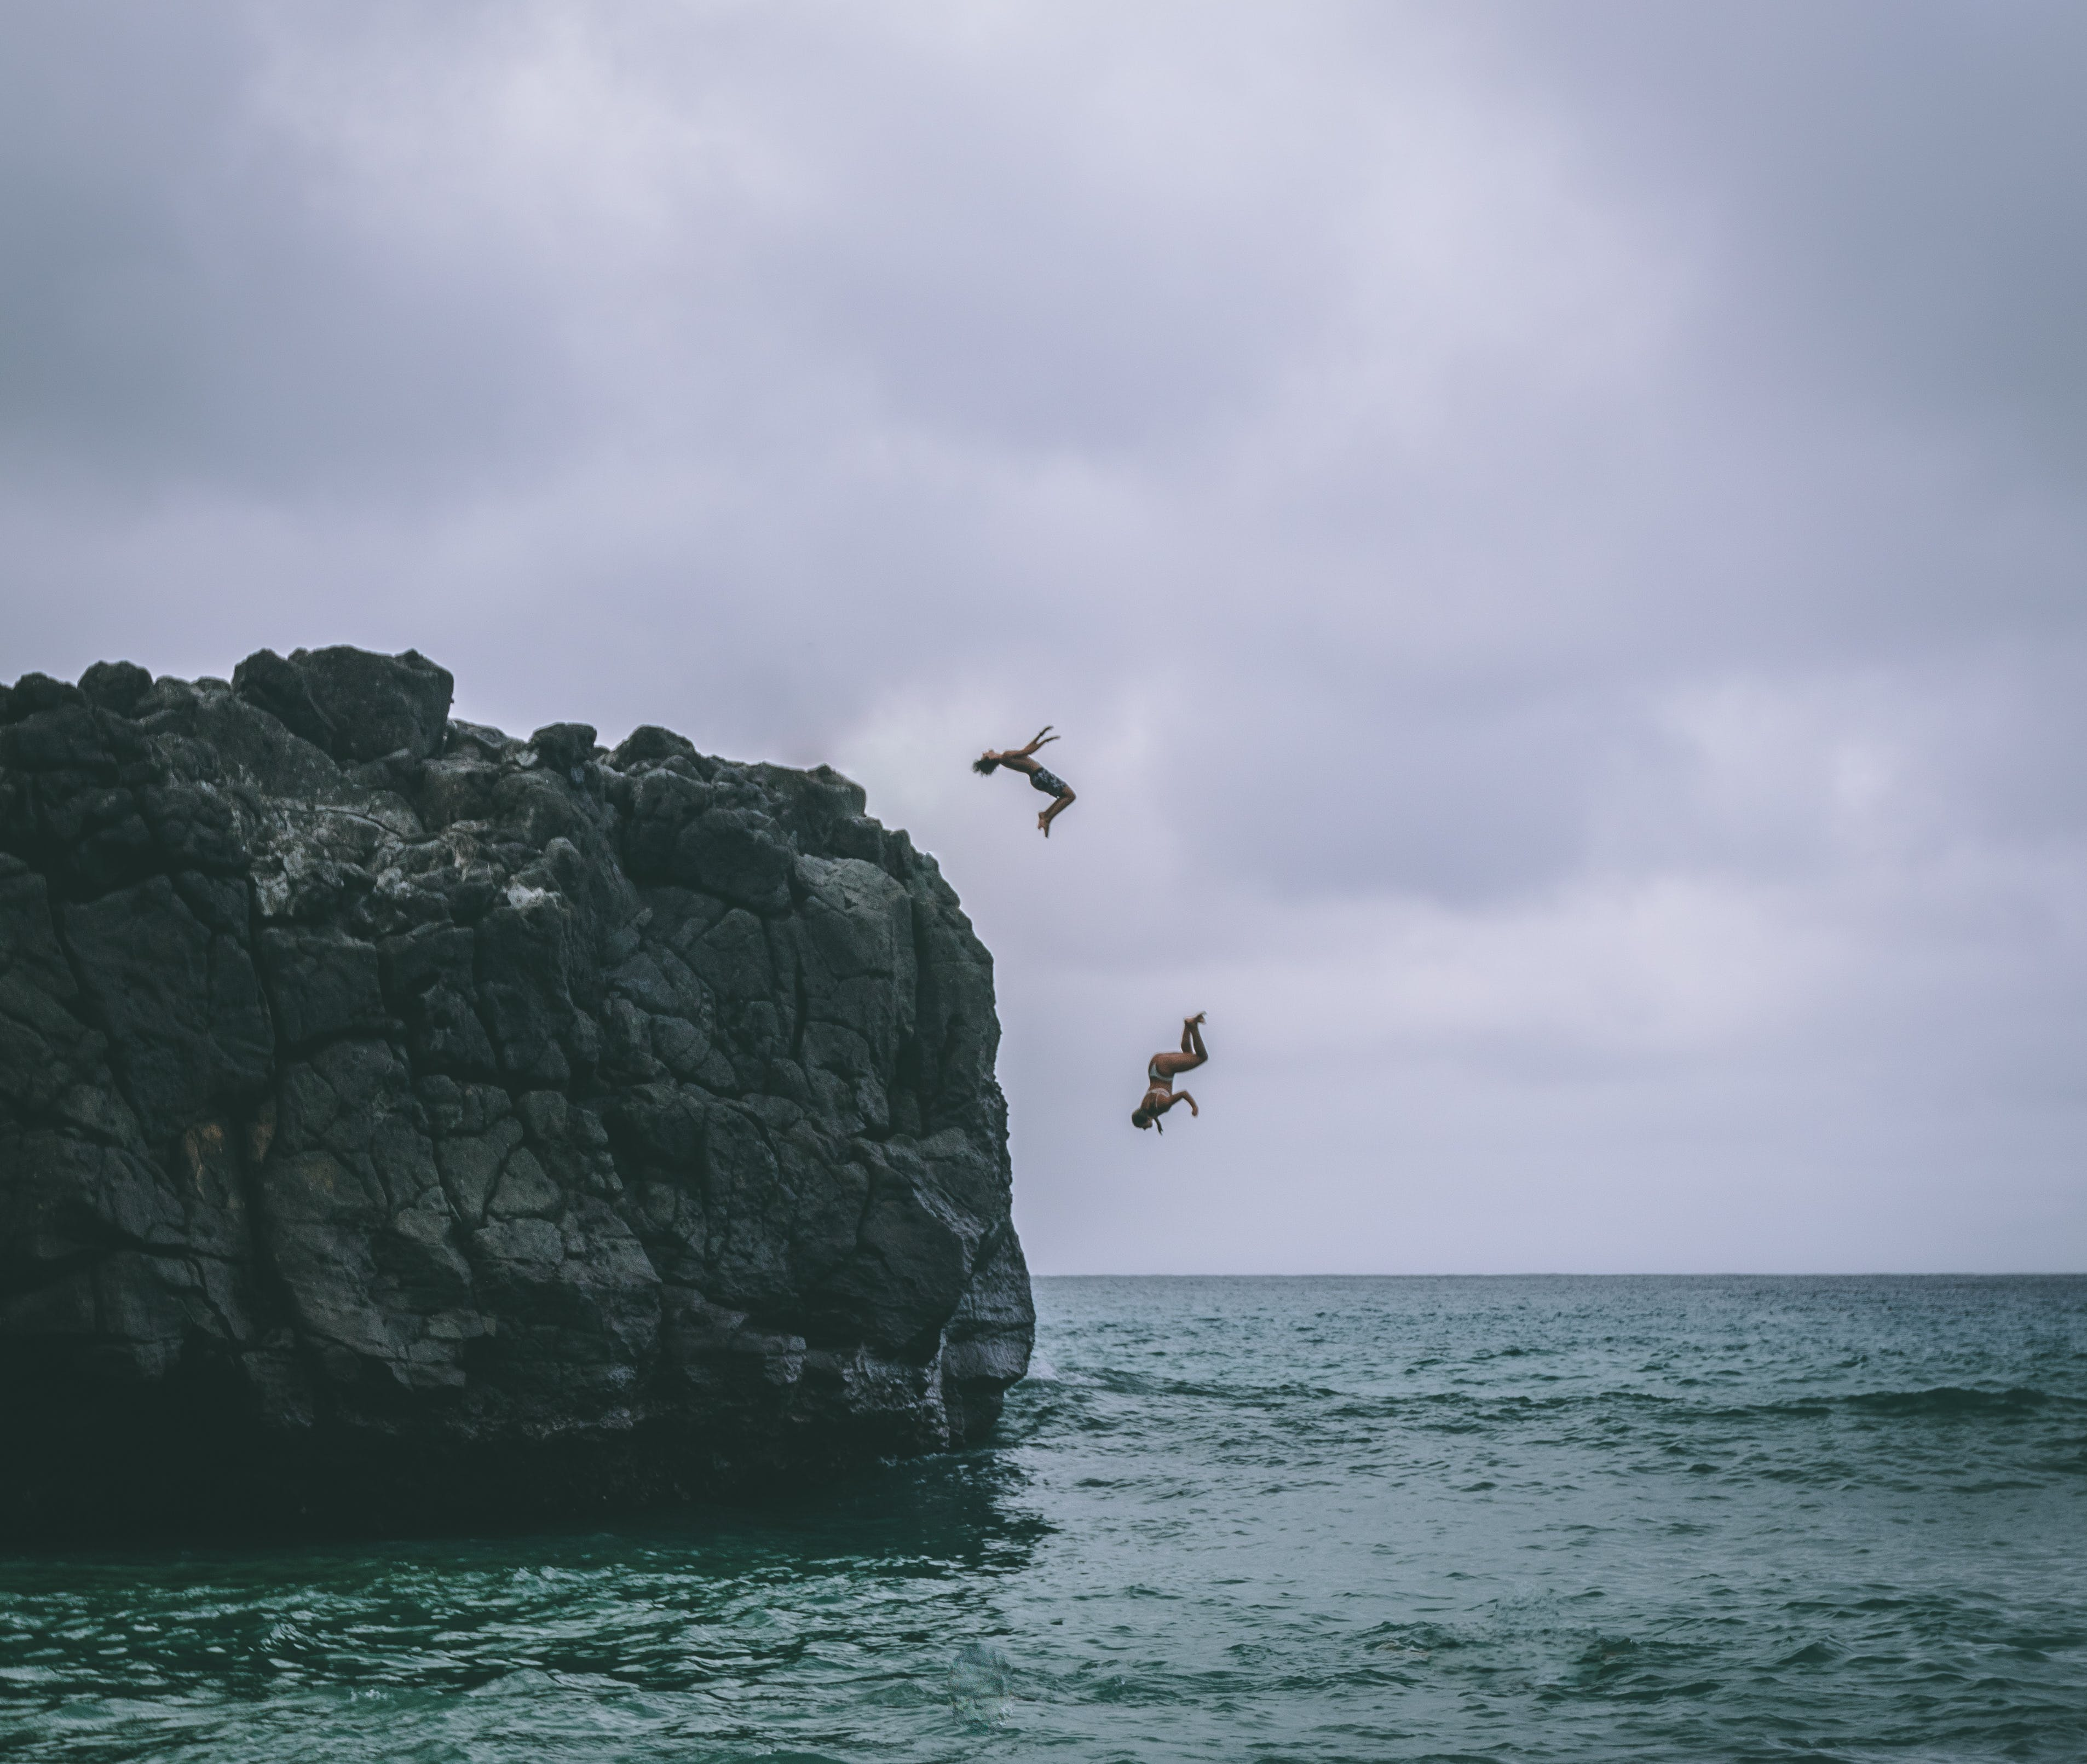 Immagine gratuita di acqua, avventura, bagnasciuga, cielo